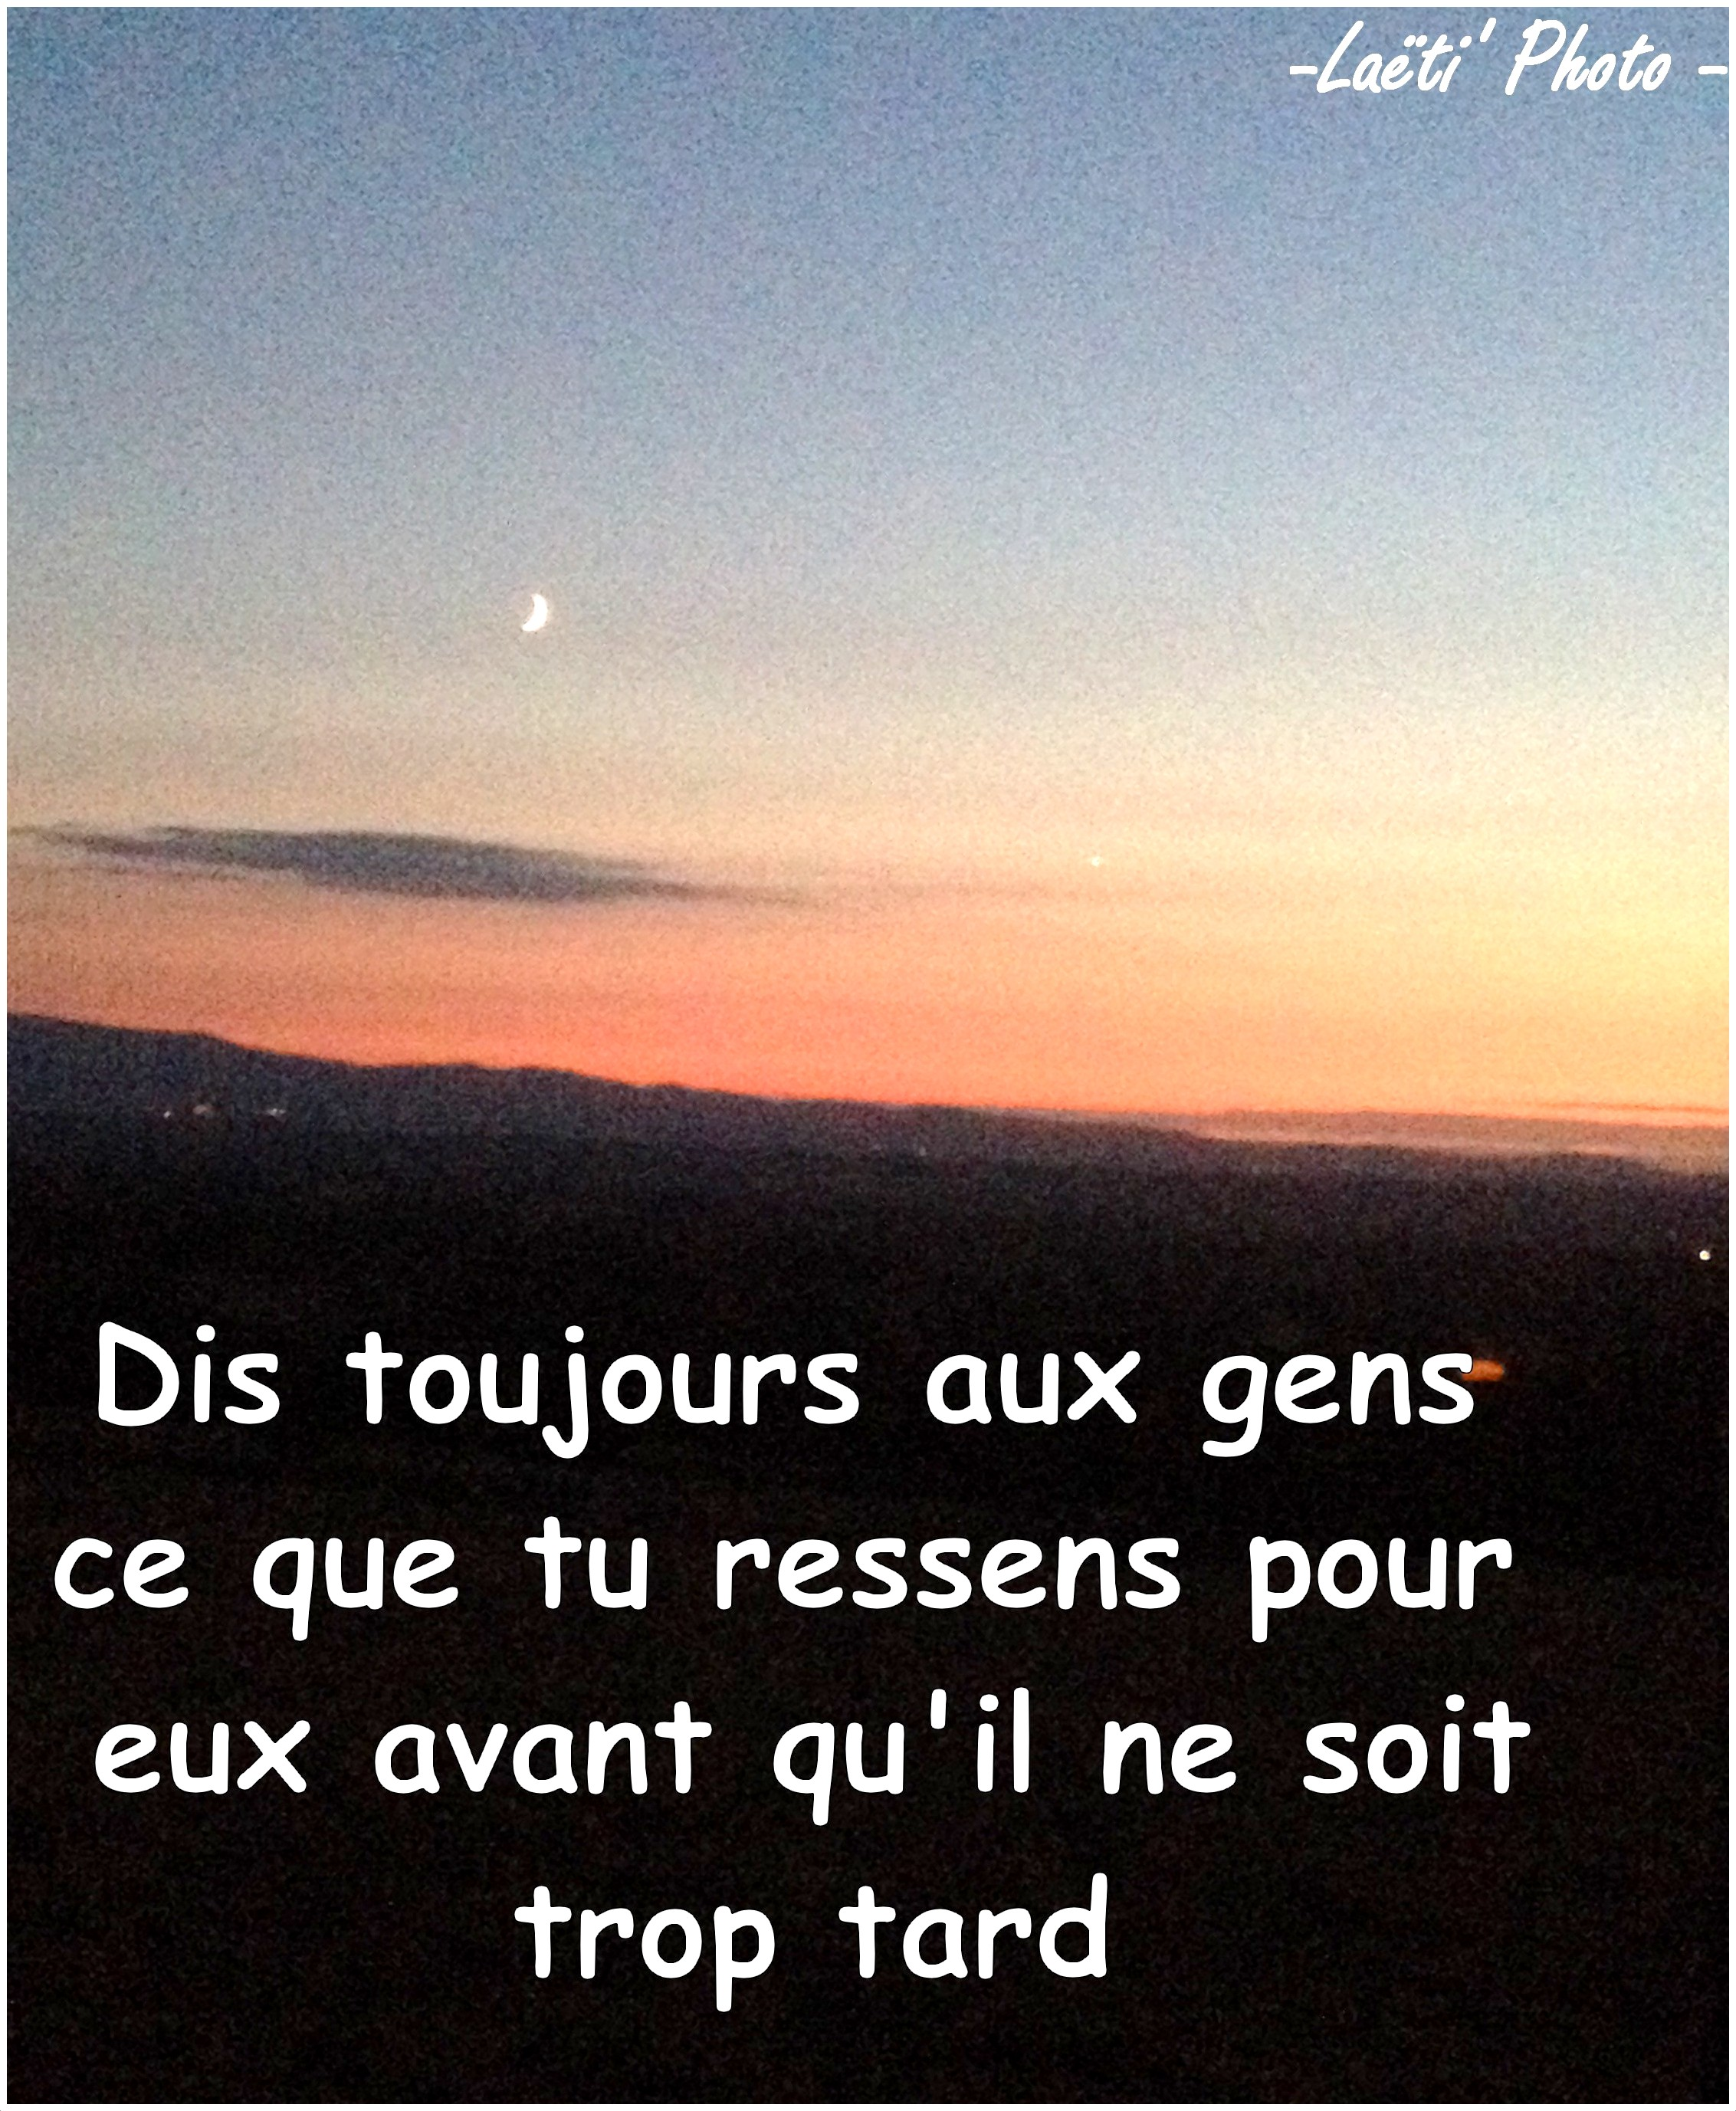 Citations Paroles En Images Les Poèmes De Laëti